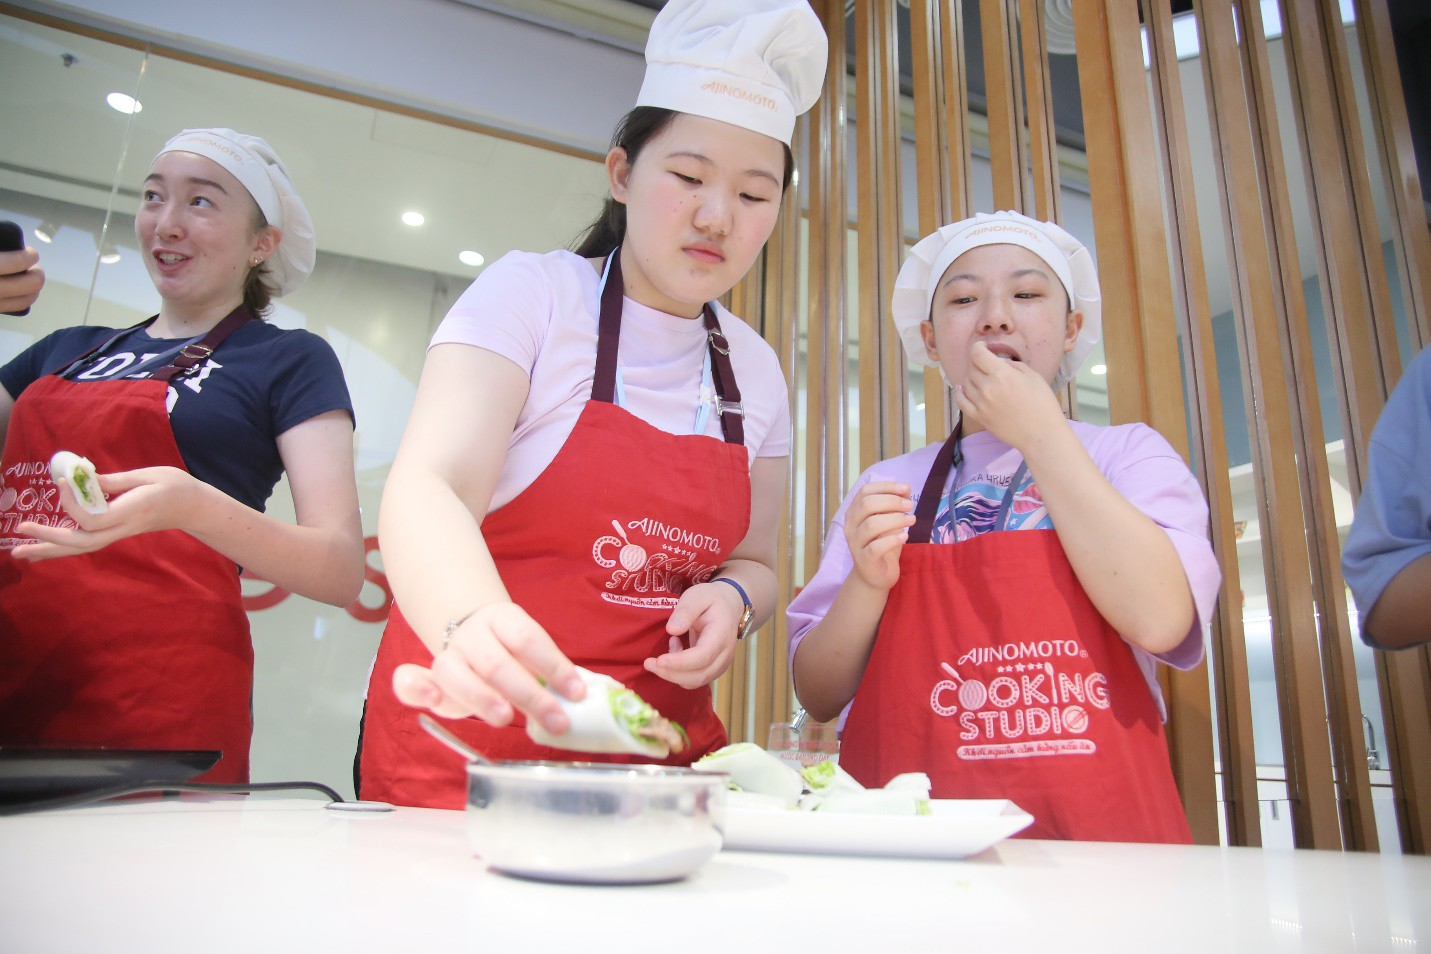 """115 """"nhà lãnh đạo trẻ châu Á"""" tìm hiểu ẩm thực, văn hóa Việt tại Ajinomoto Cooking Studio - Ảnh 4."""